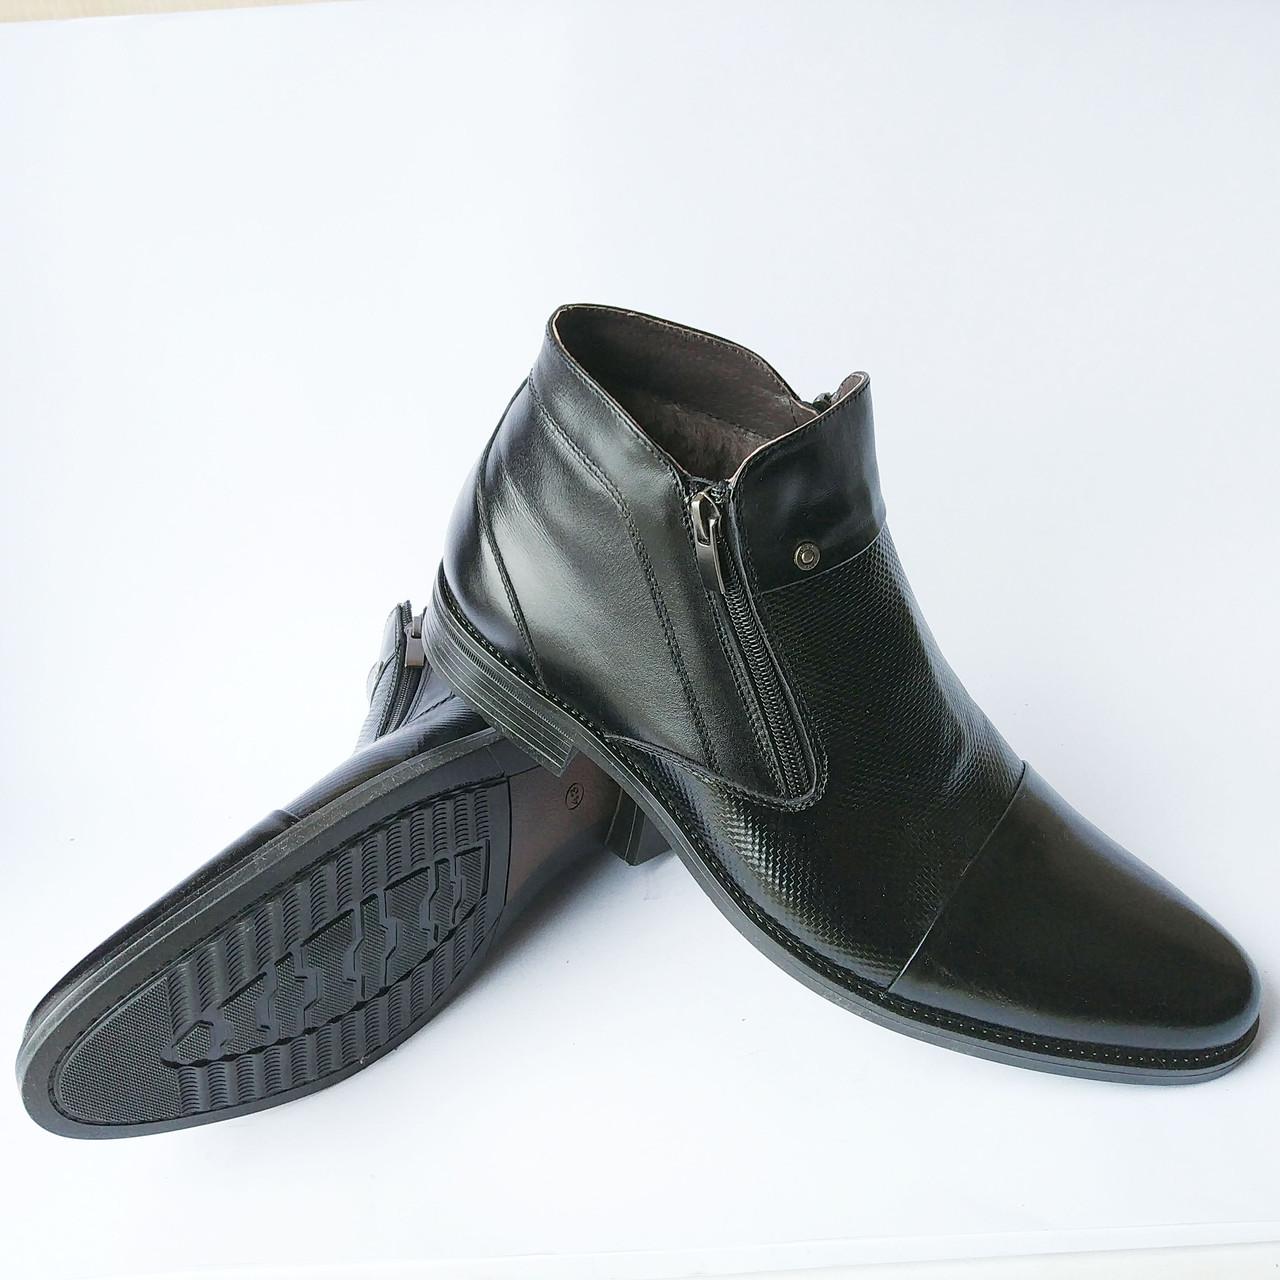 9e4ad67f5fe Купить мужскую обувь норд   зимние